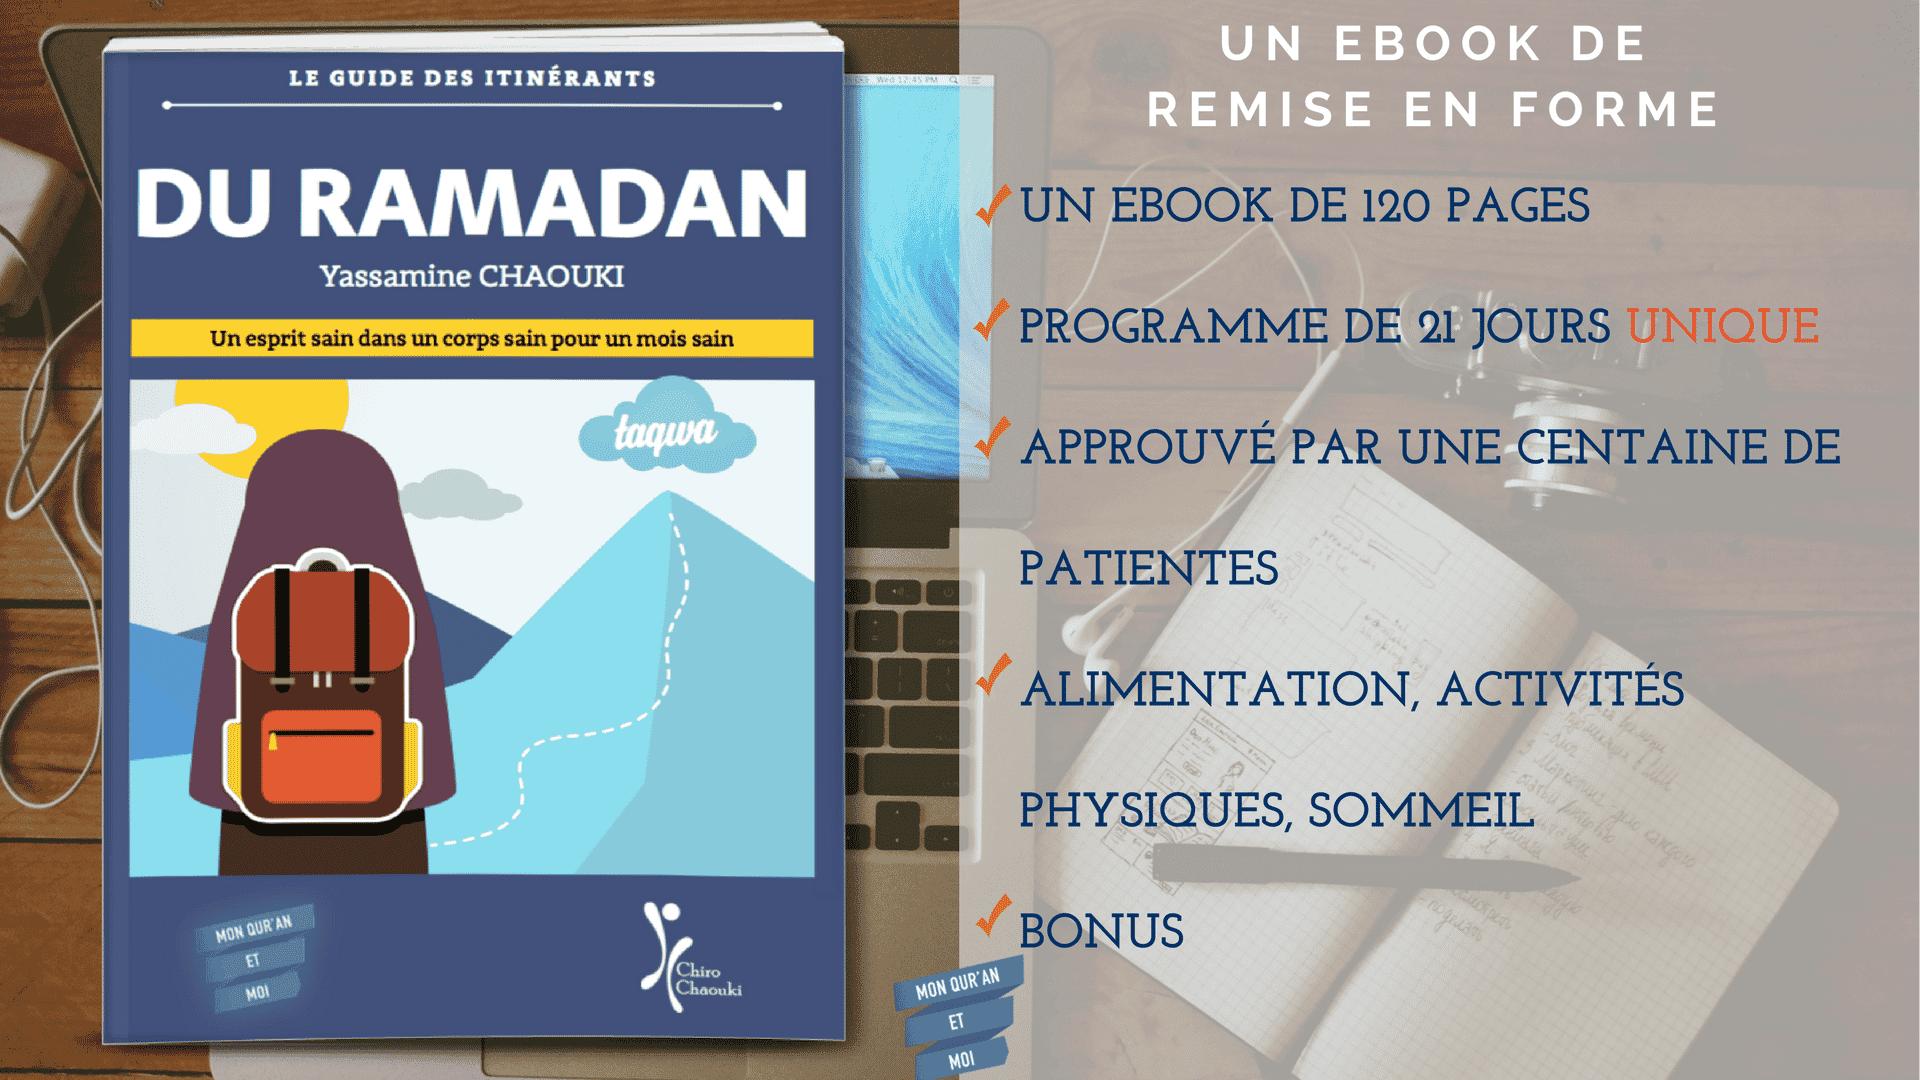 le-guide-des-itinerants-du-ramadan-picture.png